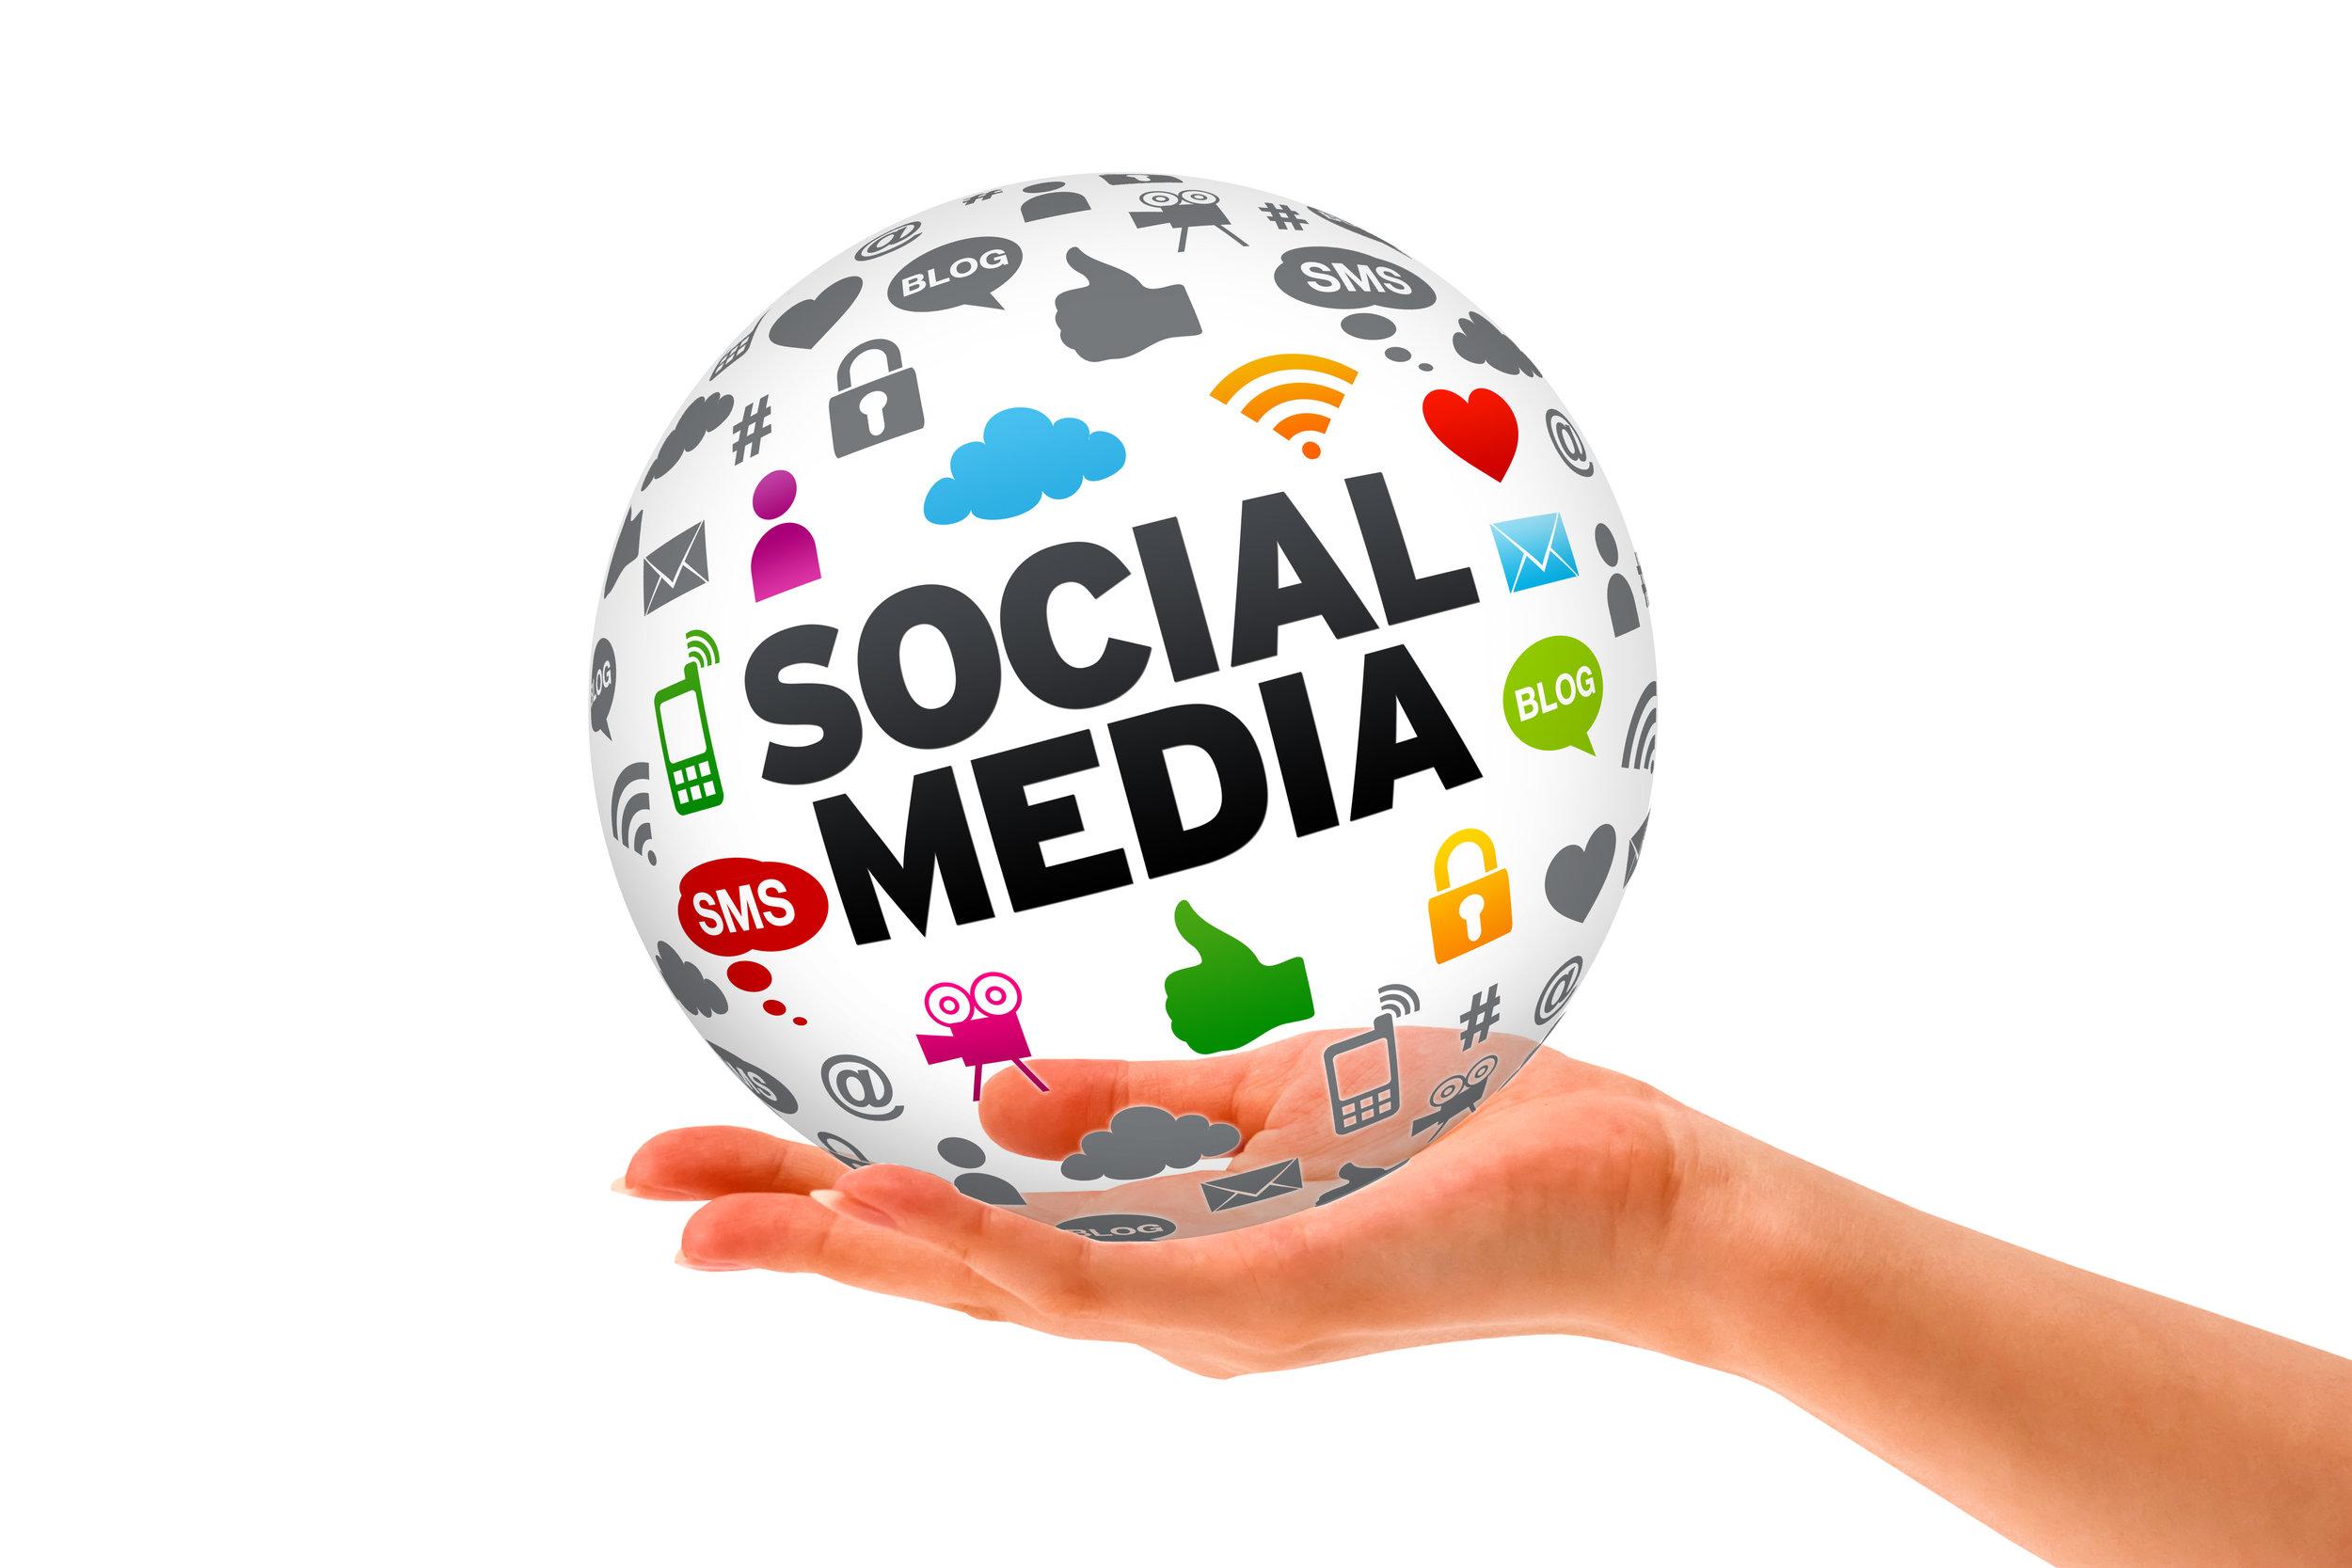 bigstock-Hand-Holding-A-Social-Media-D-30332120.jpg